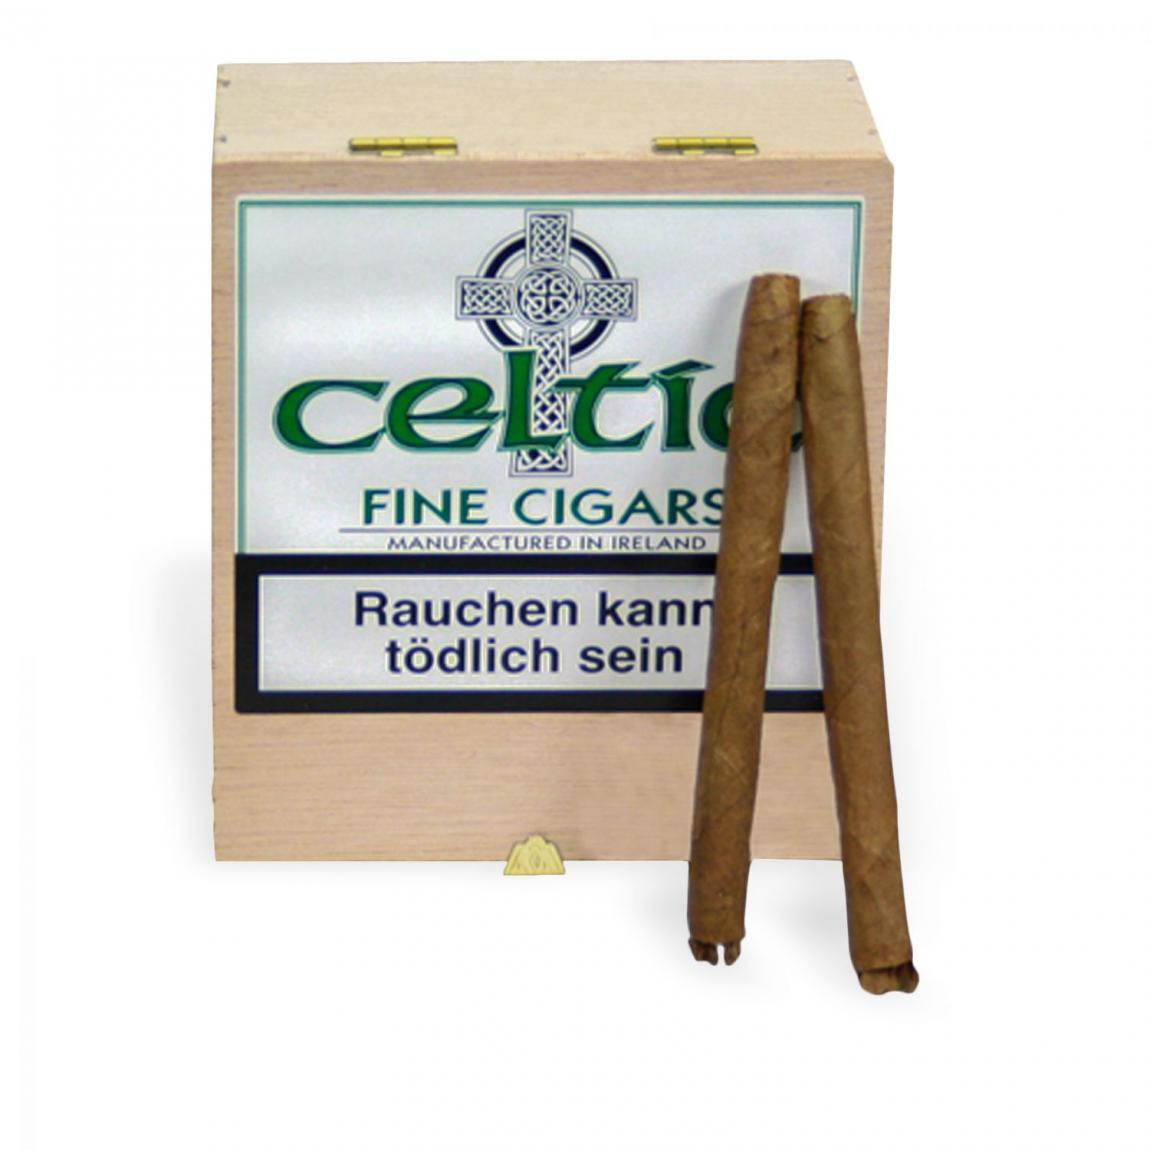 Celtic Wilde Spriets Sumatra 50er Kiste